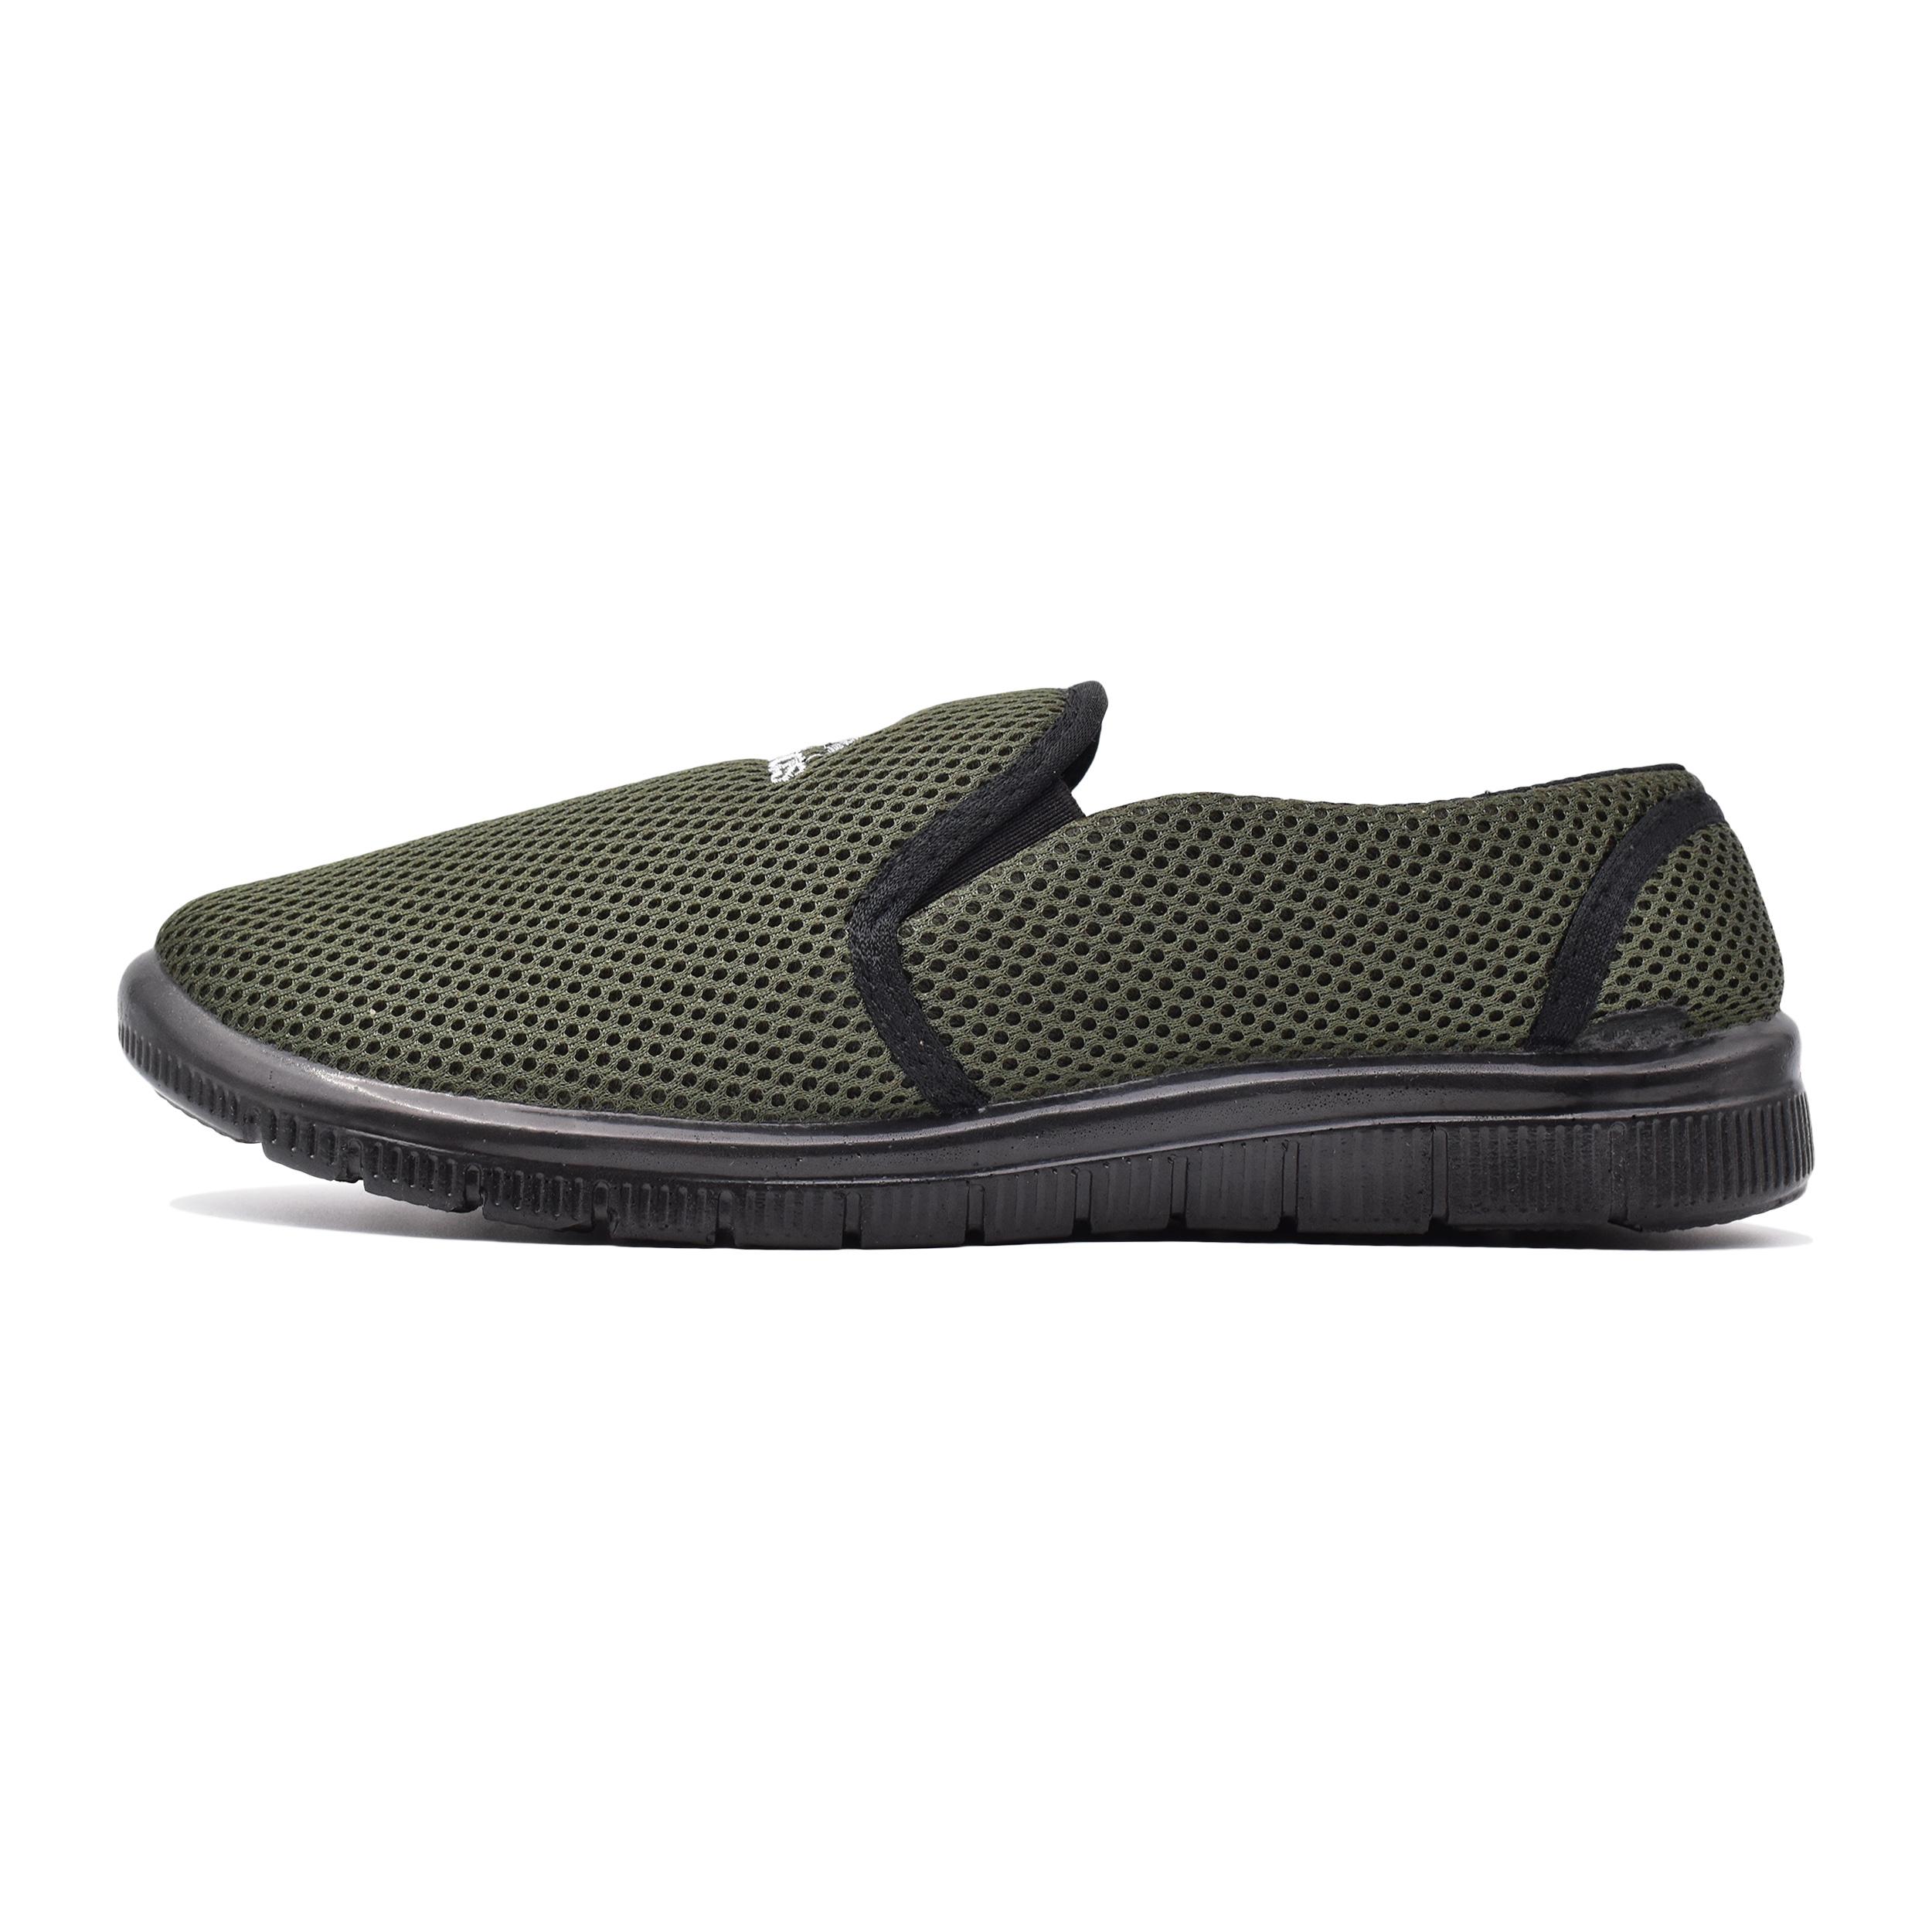 کفش مردانه امیر شوز کد 7154